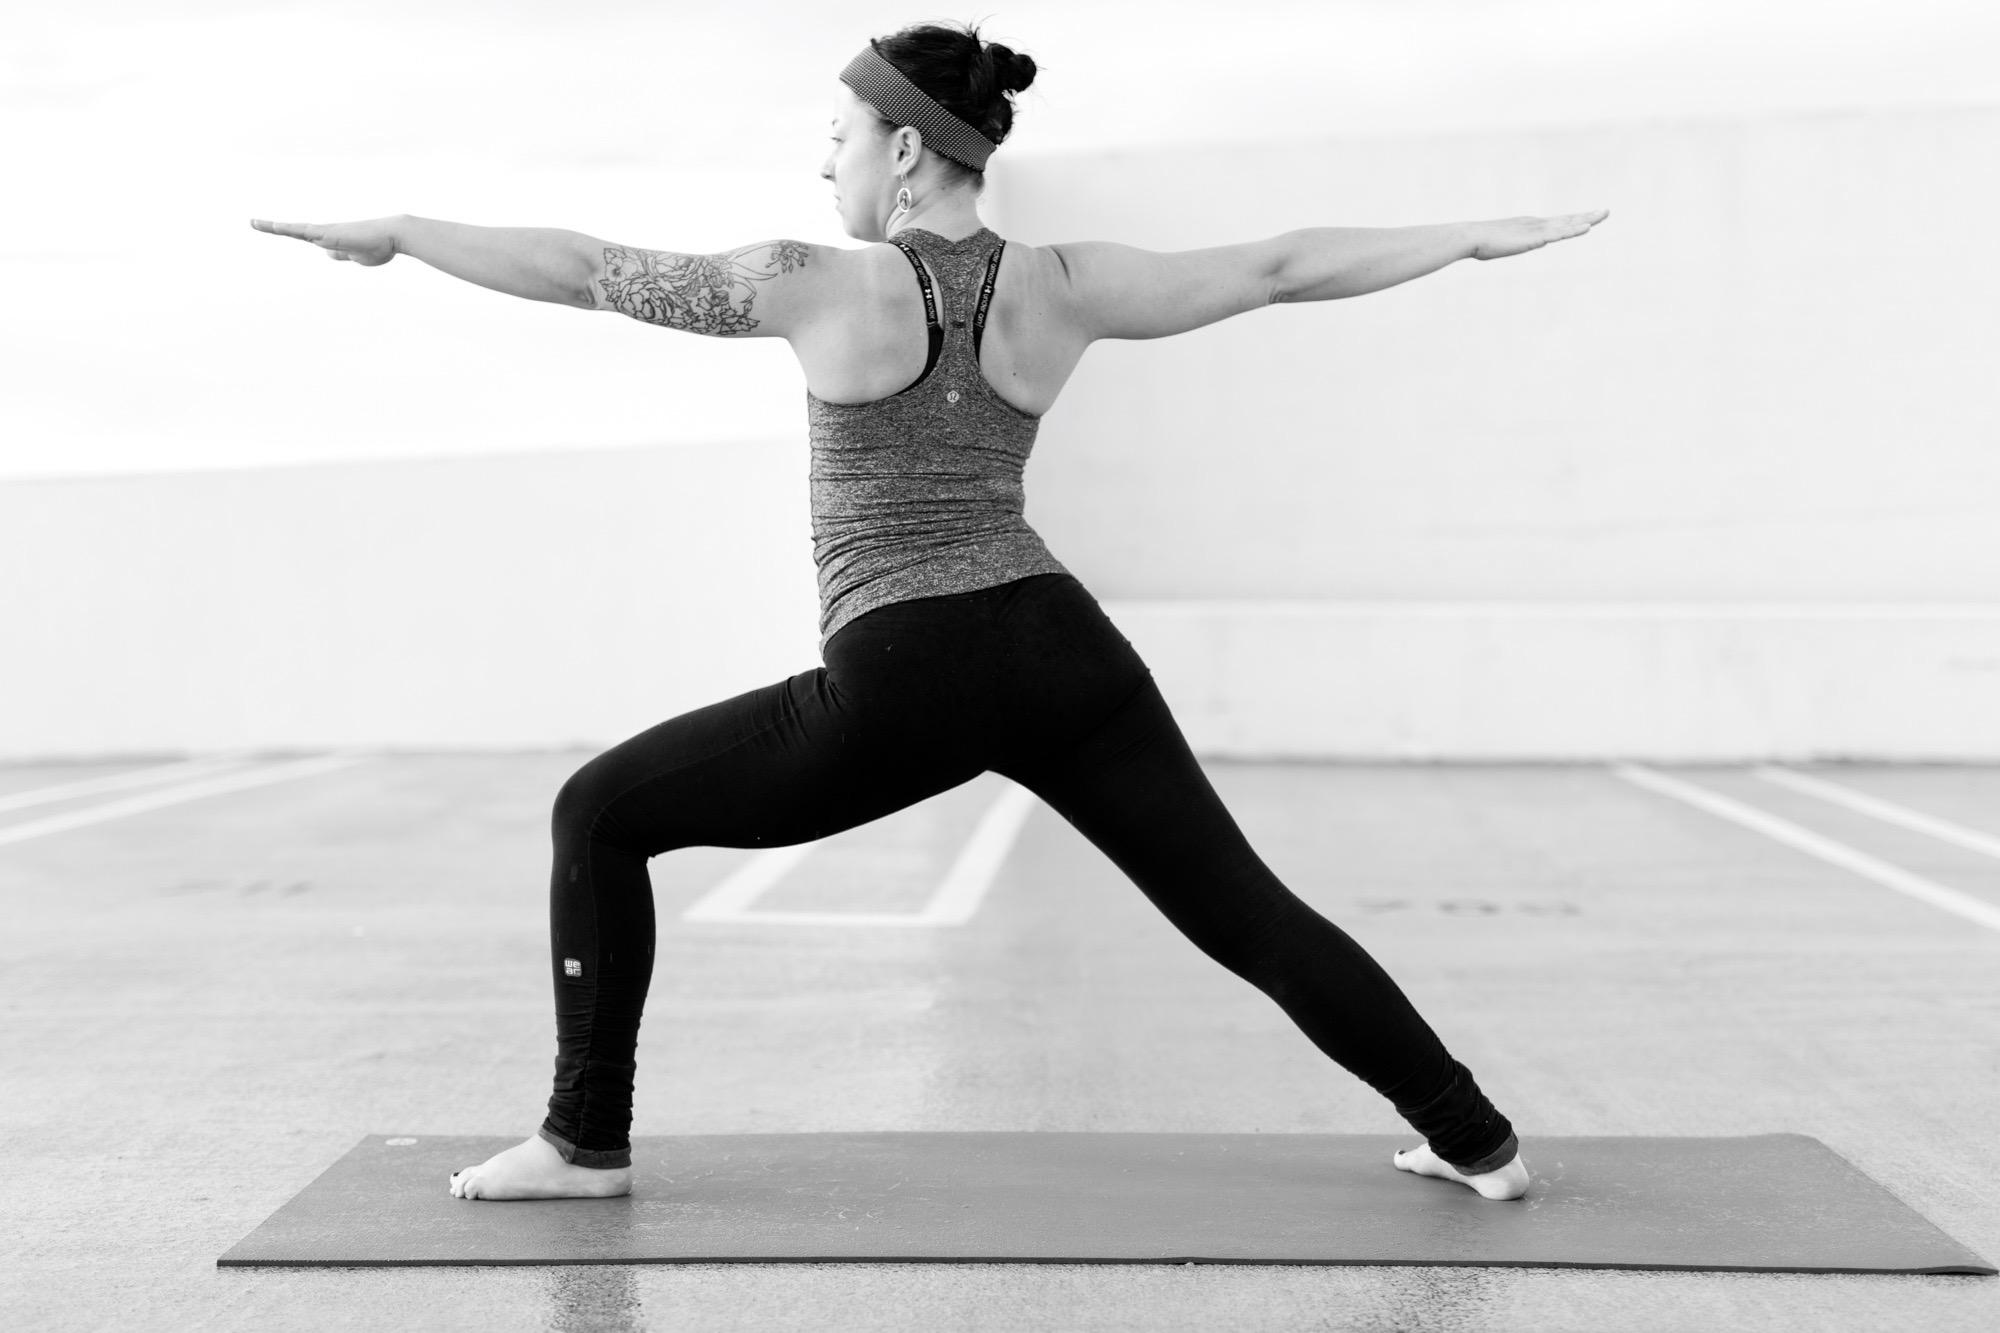 Yogamari Vermont Story